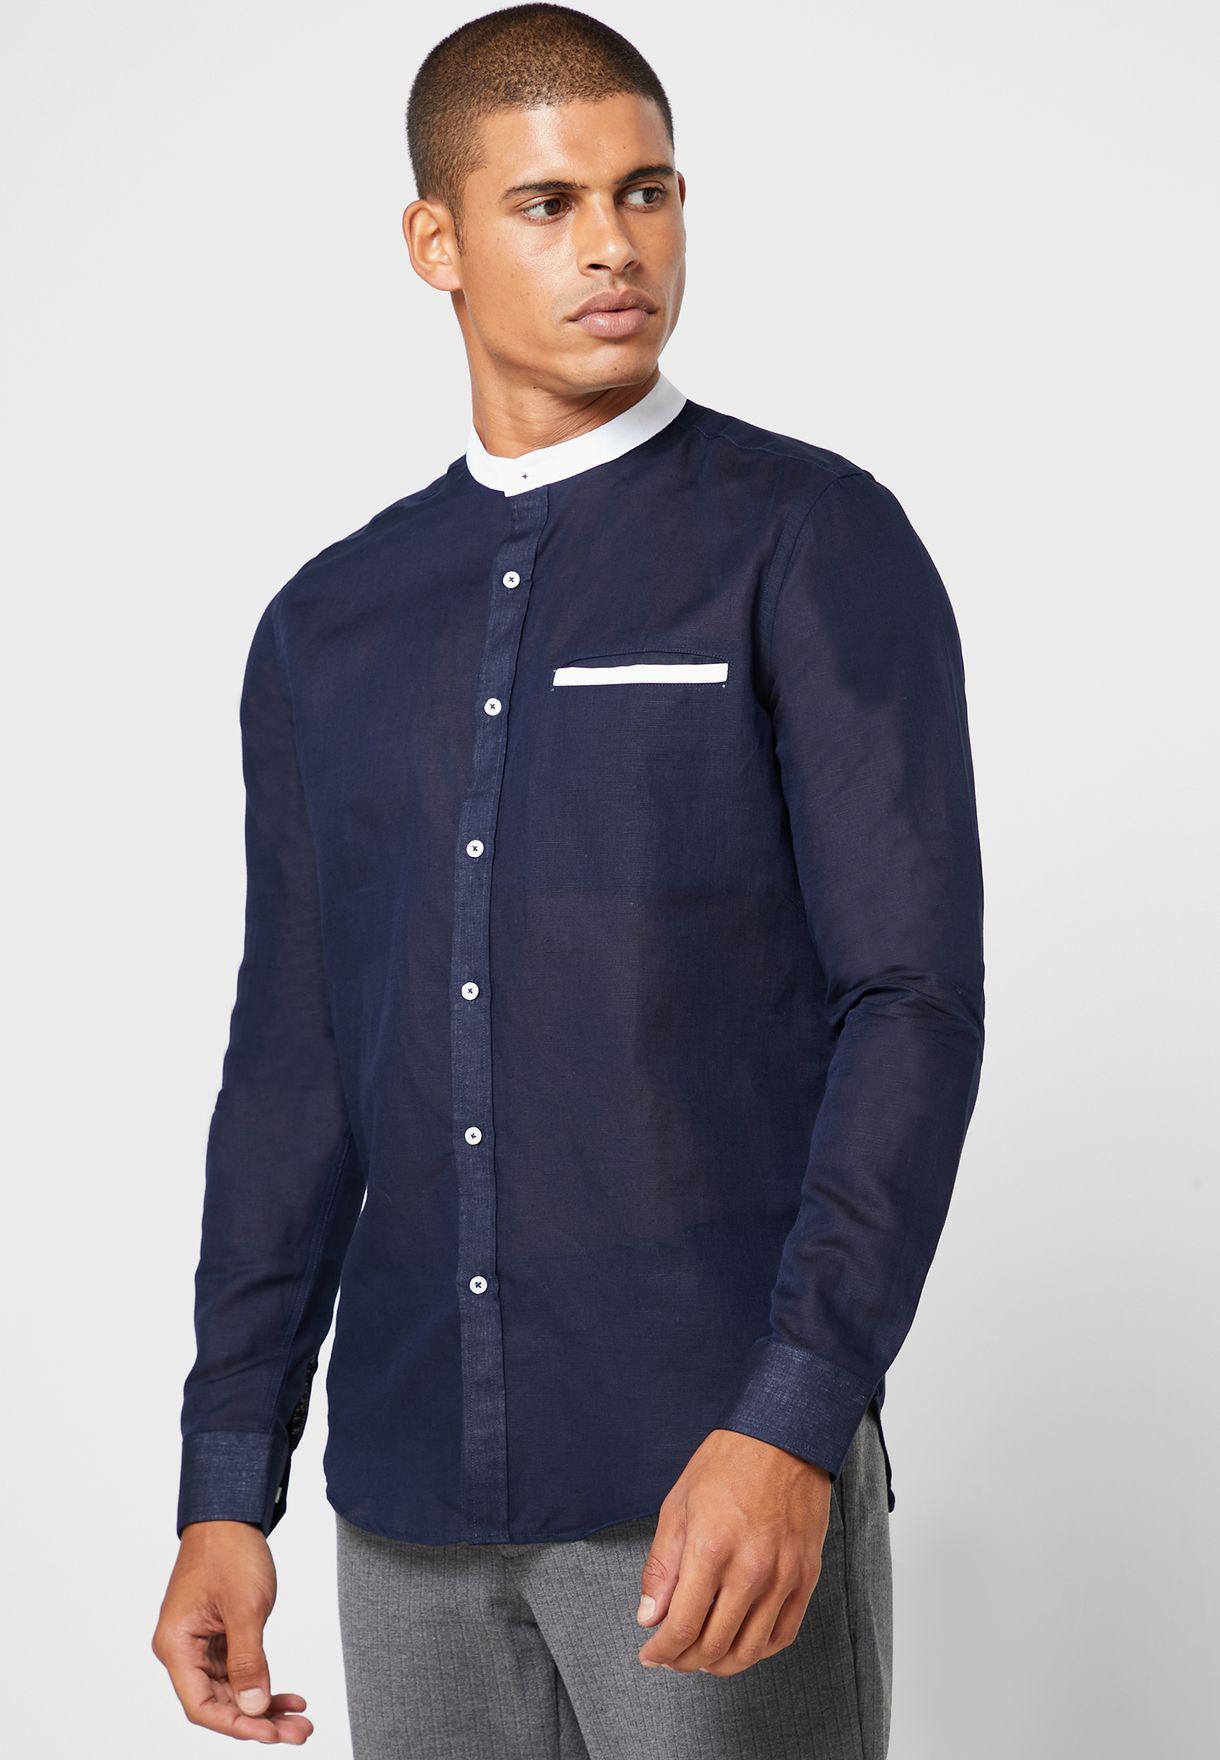 Contrast Mandarin Collar Shirt